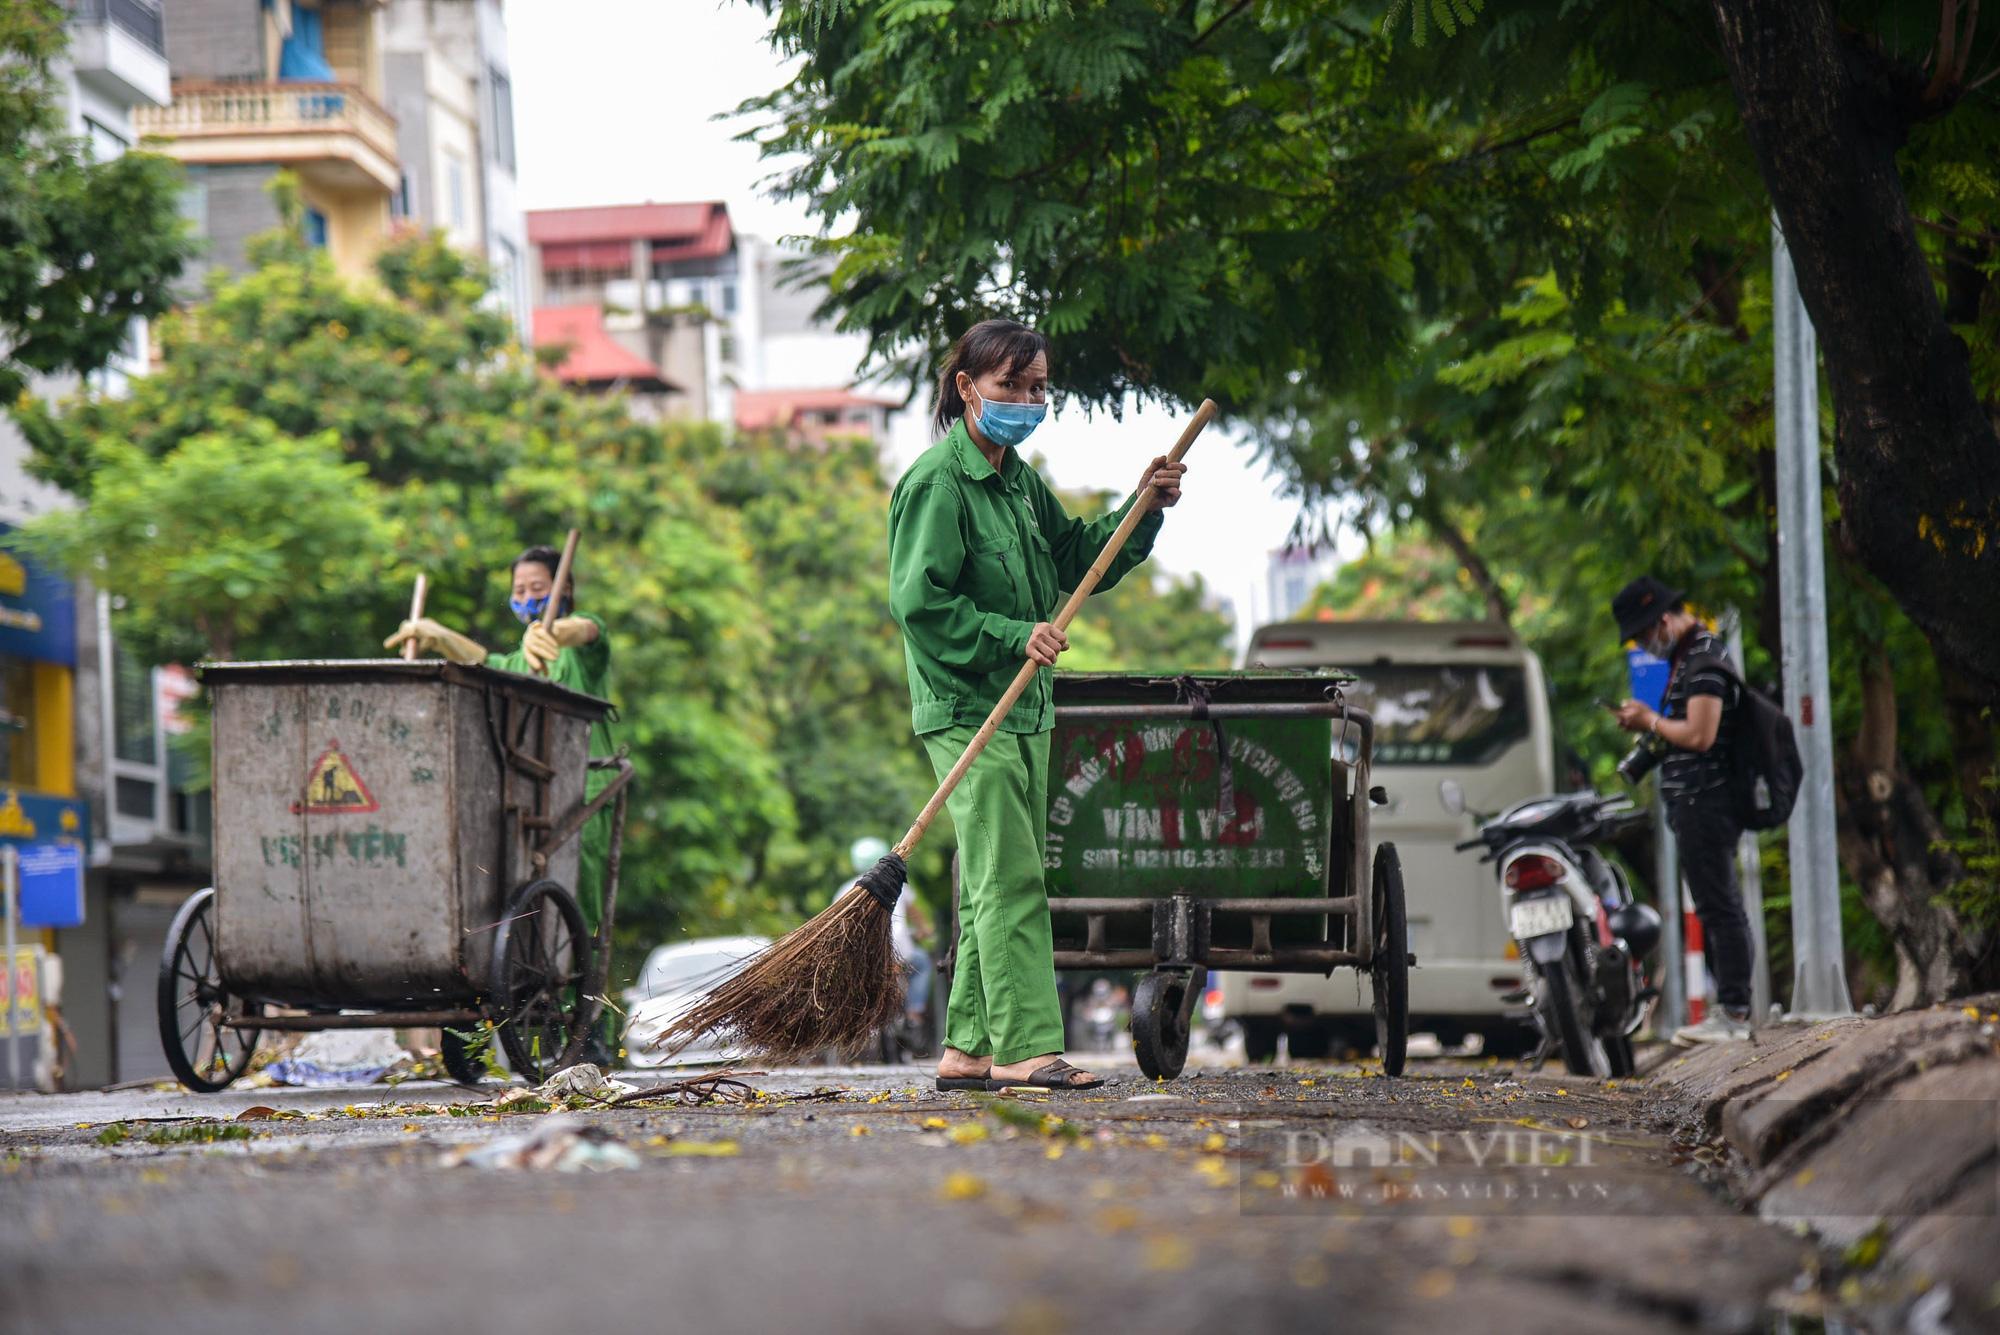 Công nhân vệ sinh môi trường: 'Thất thu' nhẹ mùa dịch, việc nhiều hơn - Ảnh 2.